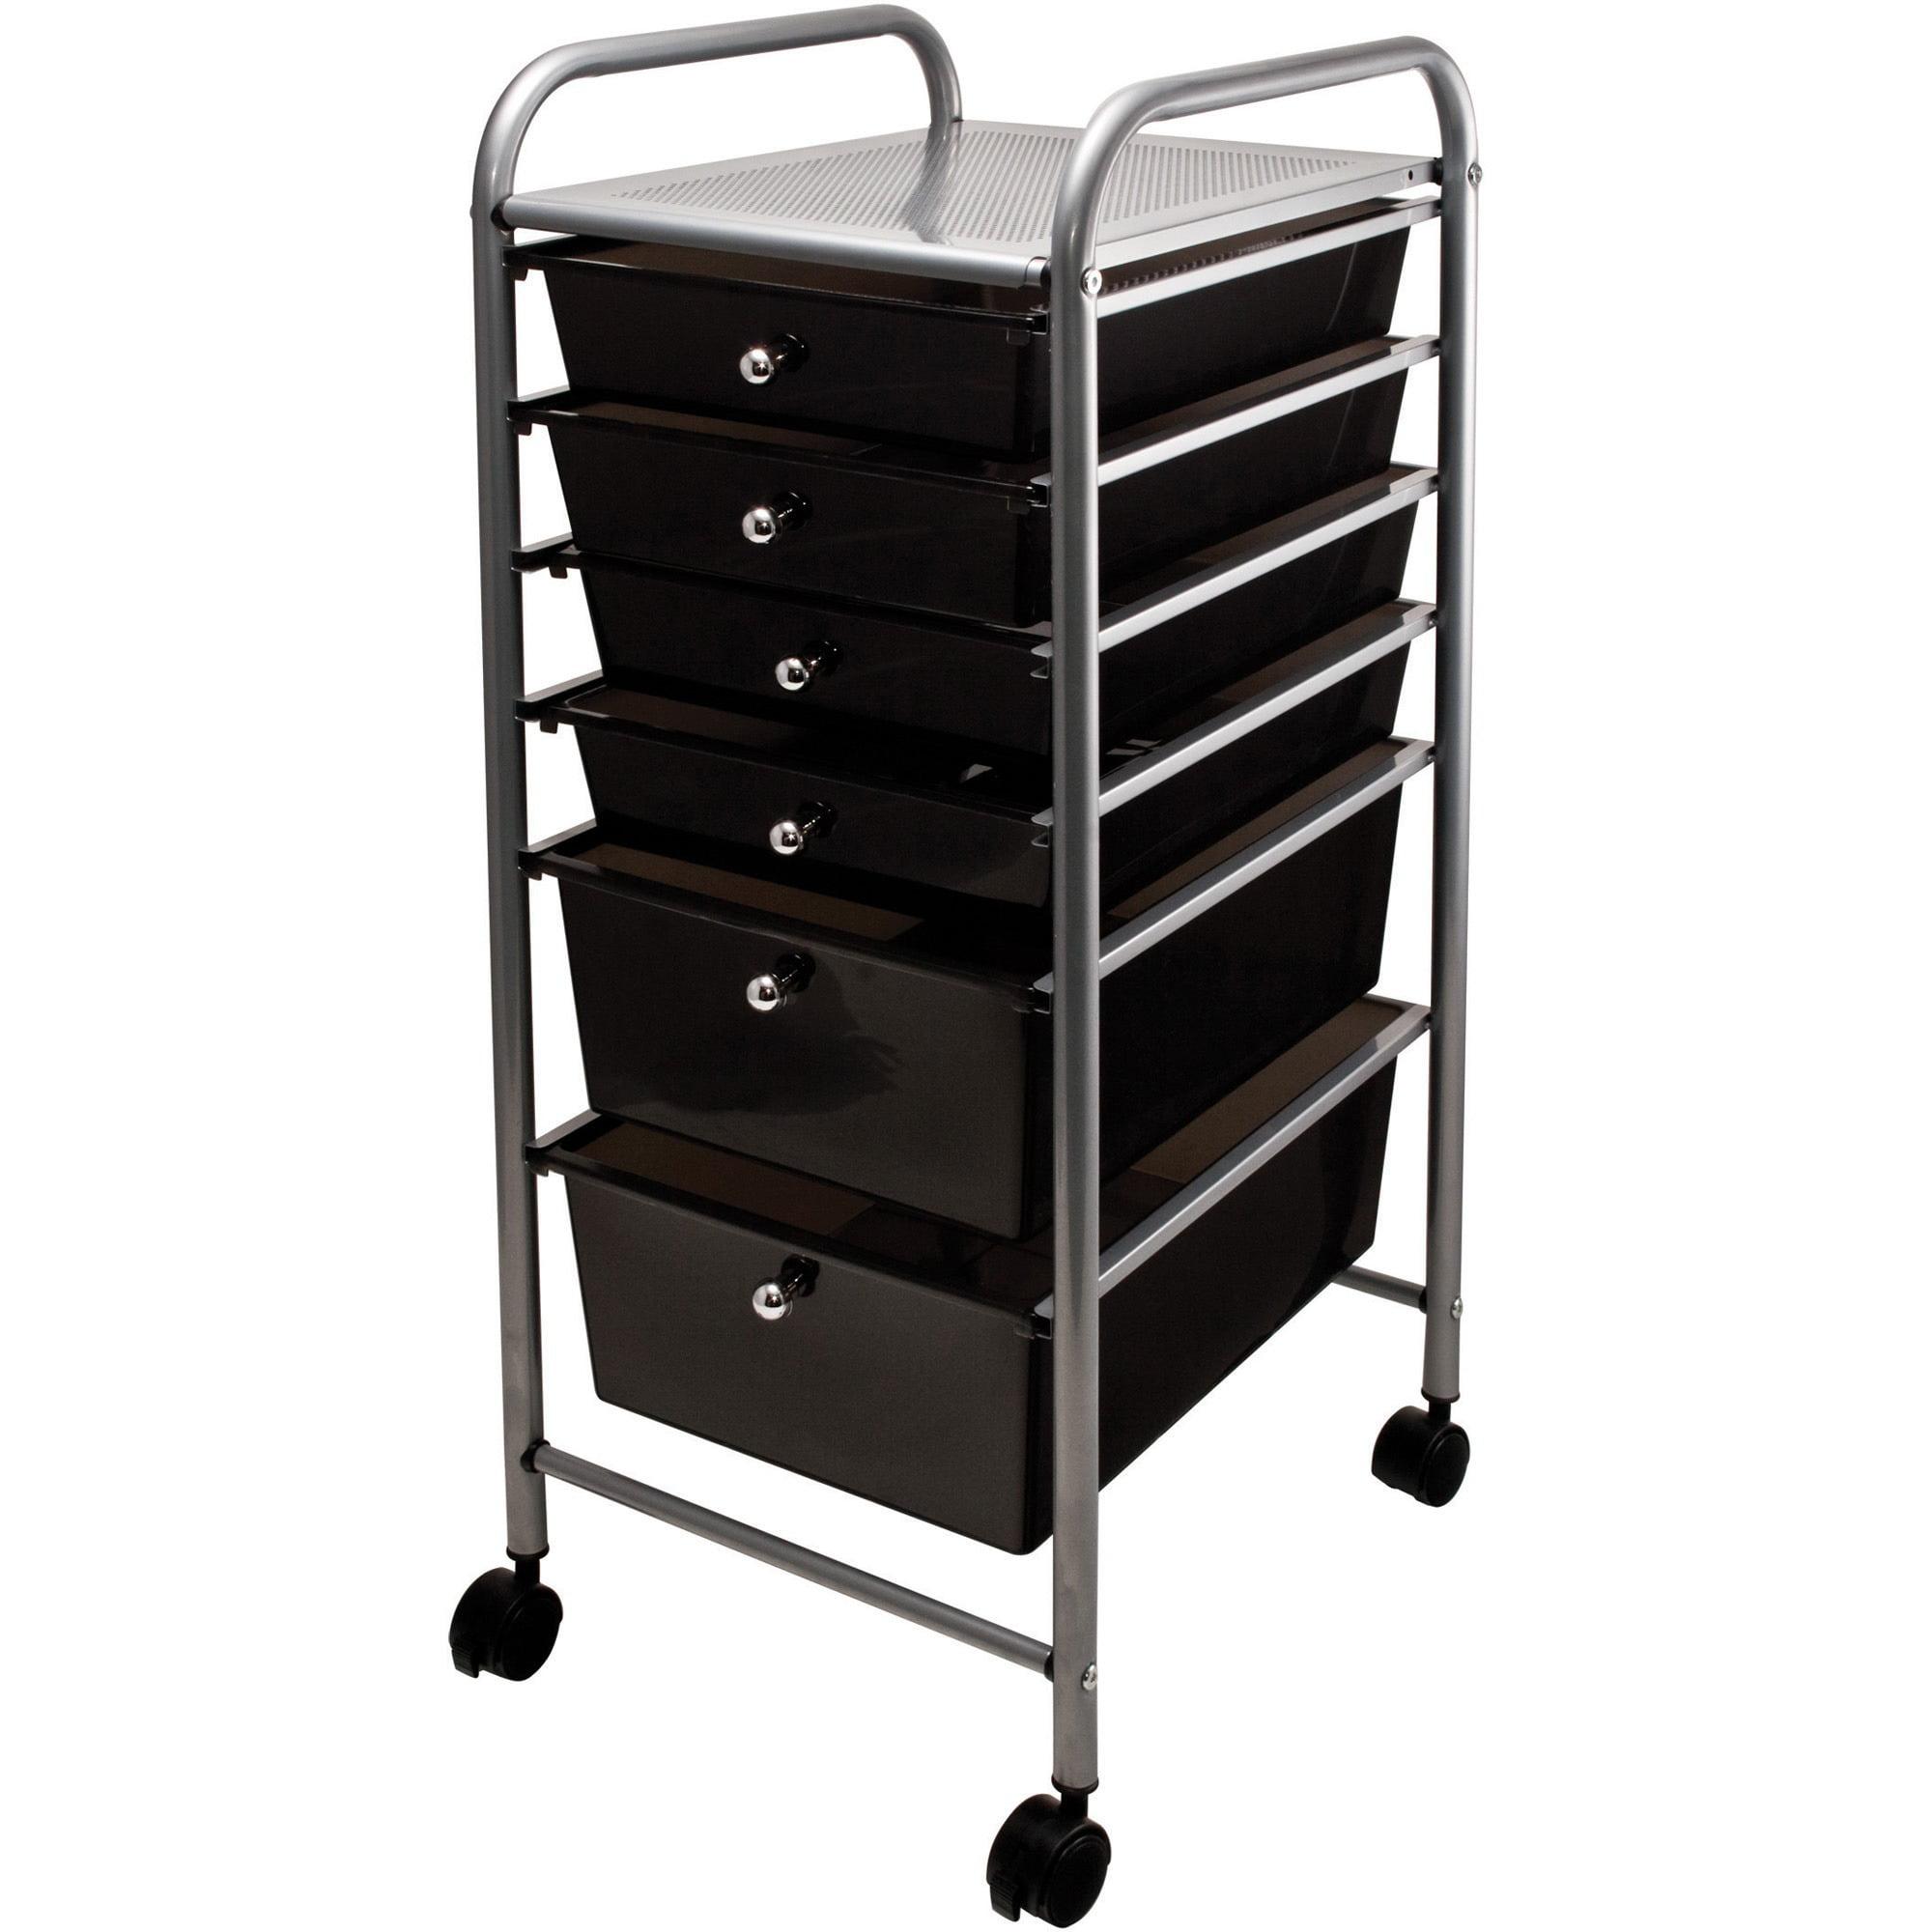 Advantus Portable Drawer Organizer, 13w x 15 3/8d x 32 1/8h, Smoke/Matte Gray